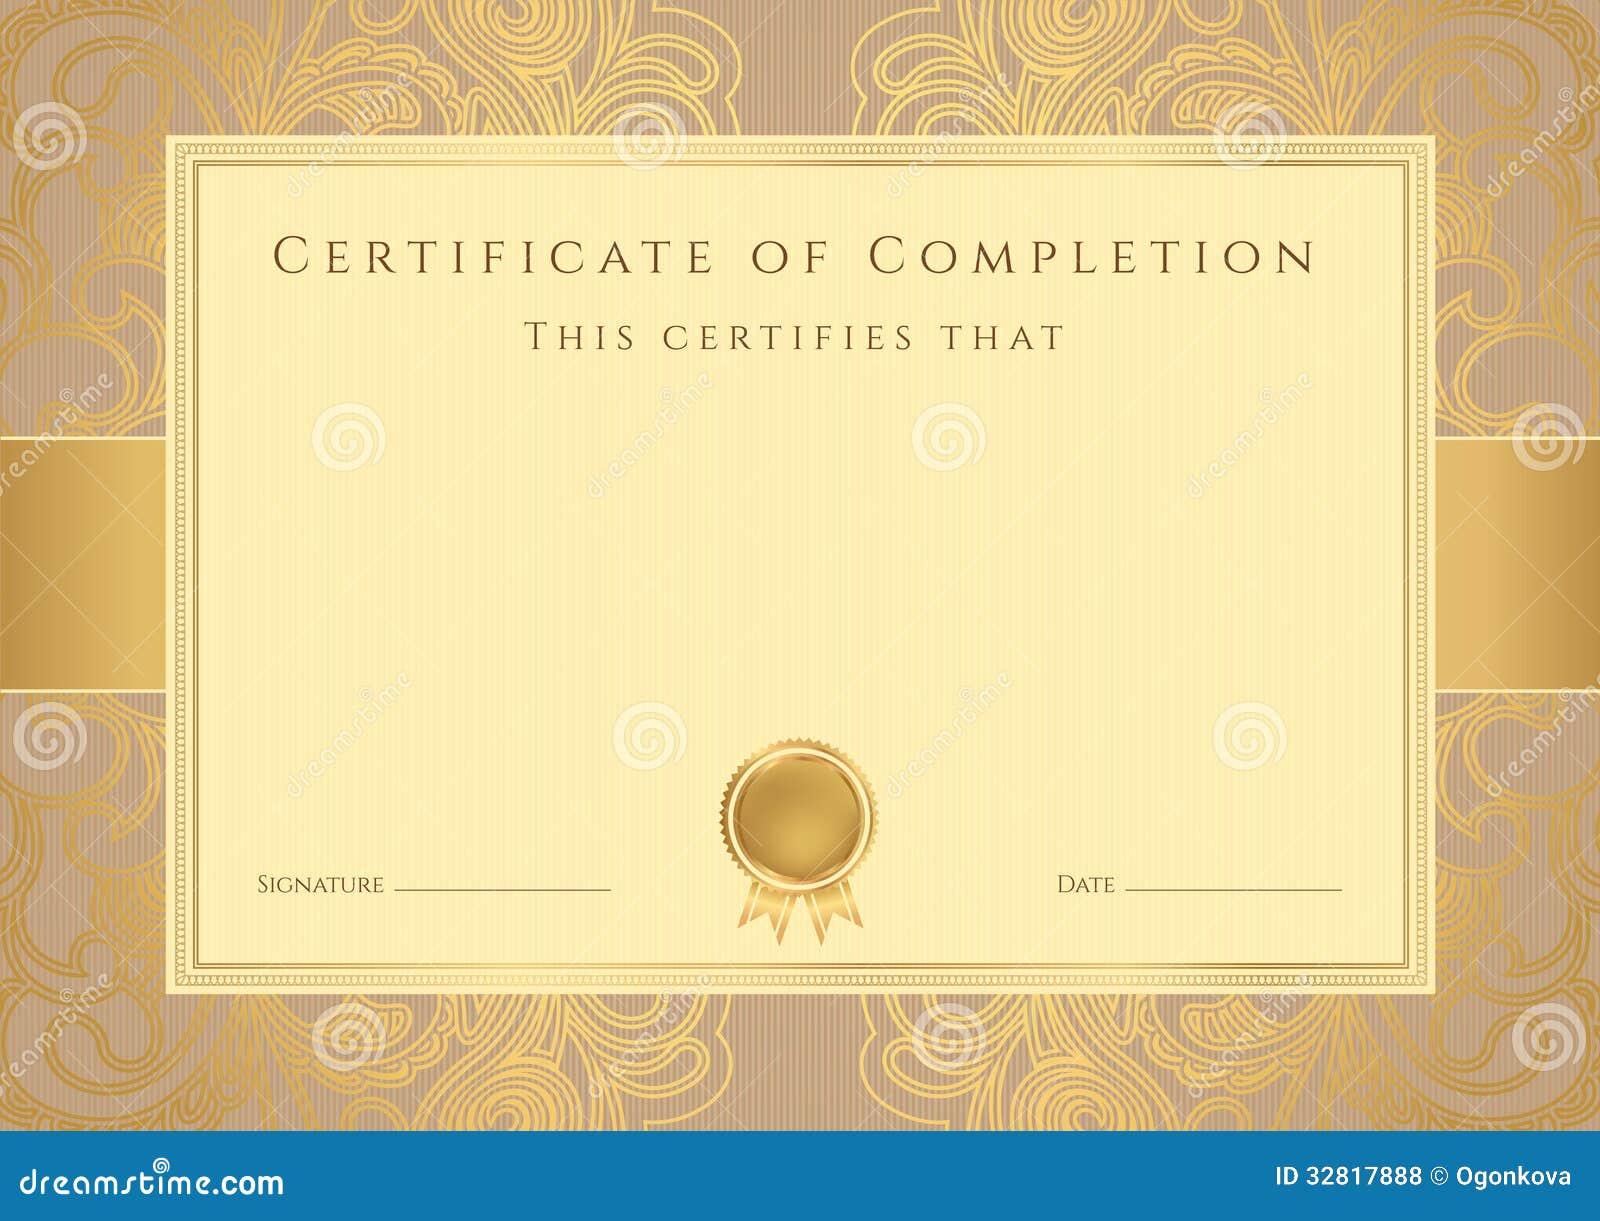 Fond De Certificat Diplôme Calibre Modèle Illustration De